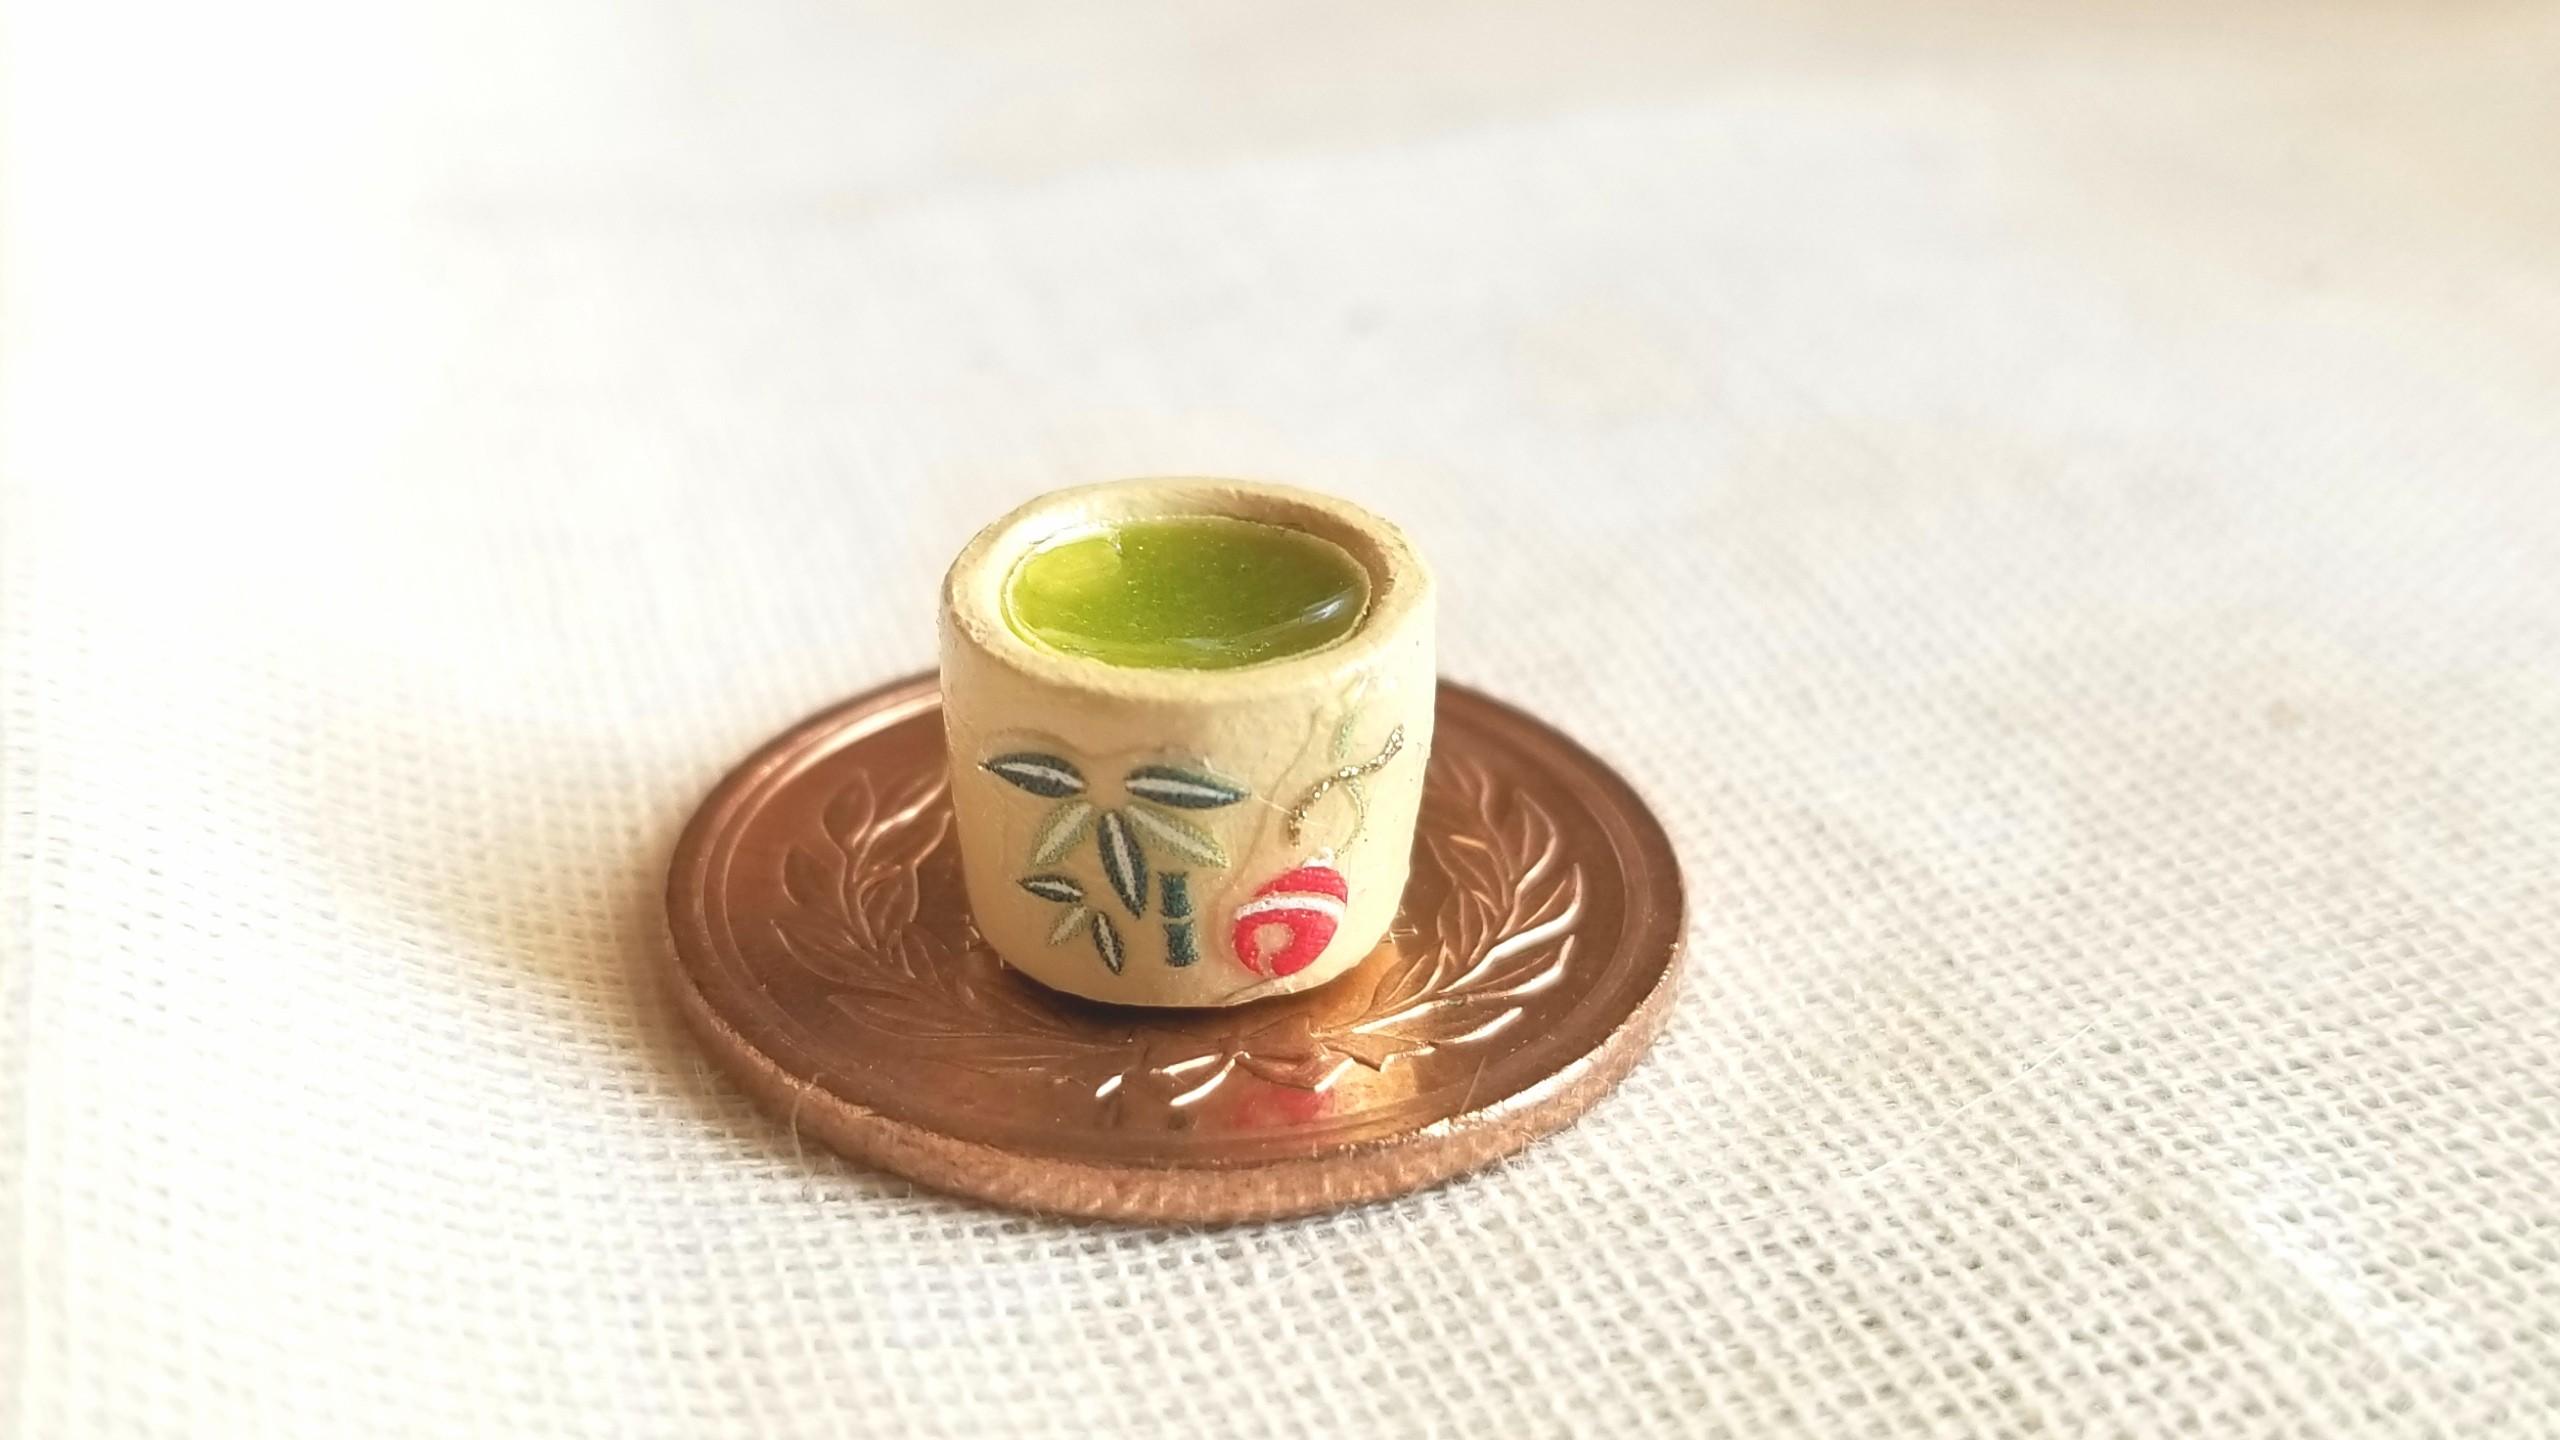 ミニチュア抹茶,和風のお茶,おしゃれ,上品な和柄,小物レジンアート